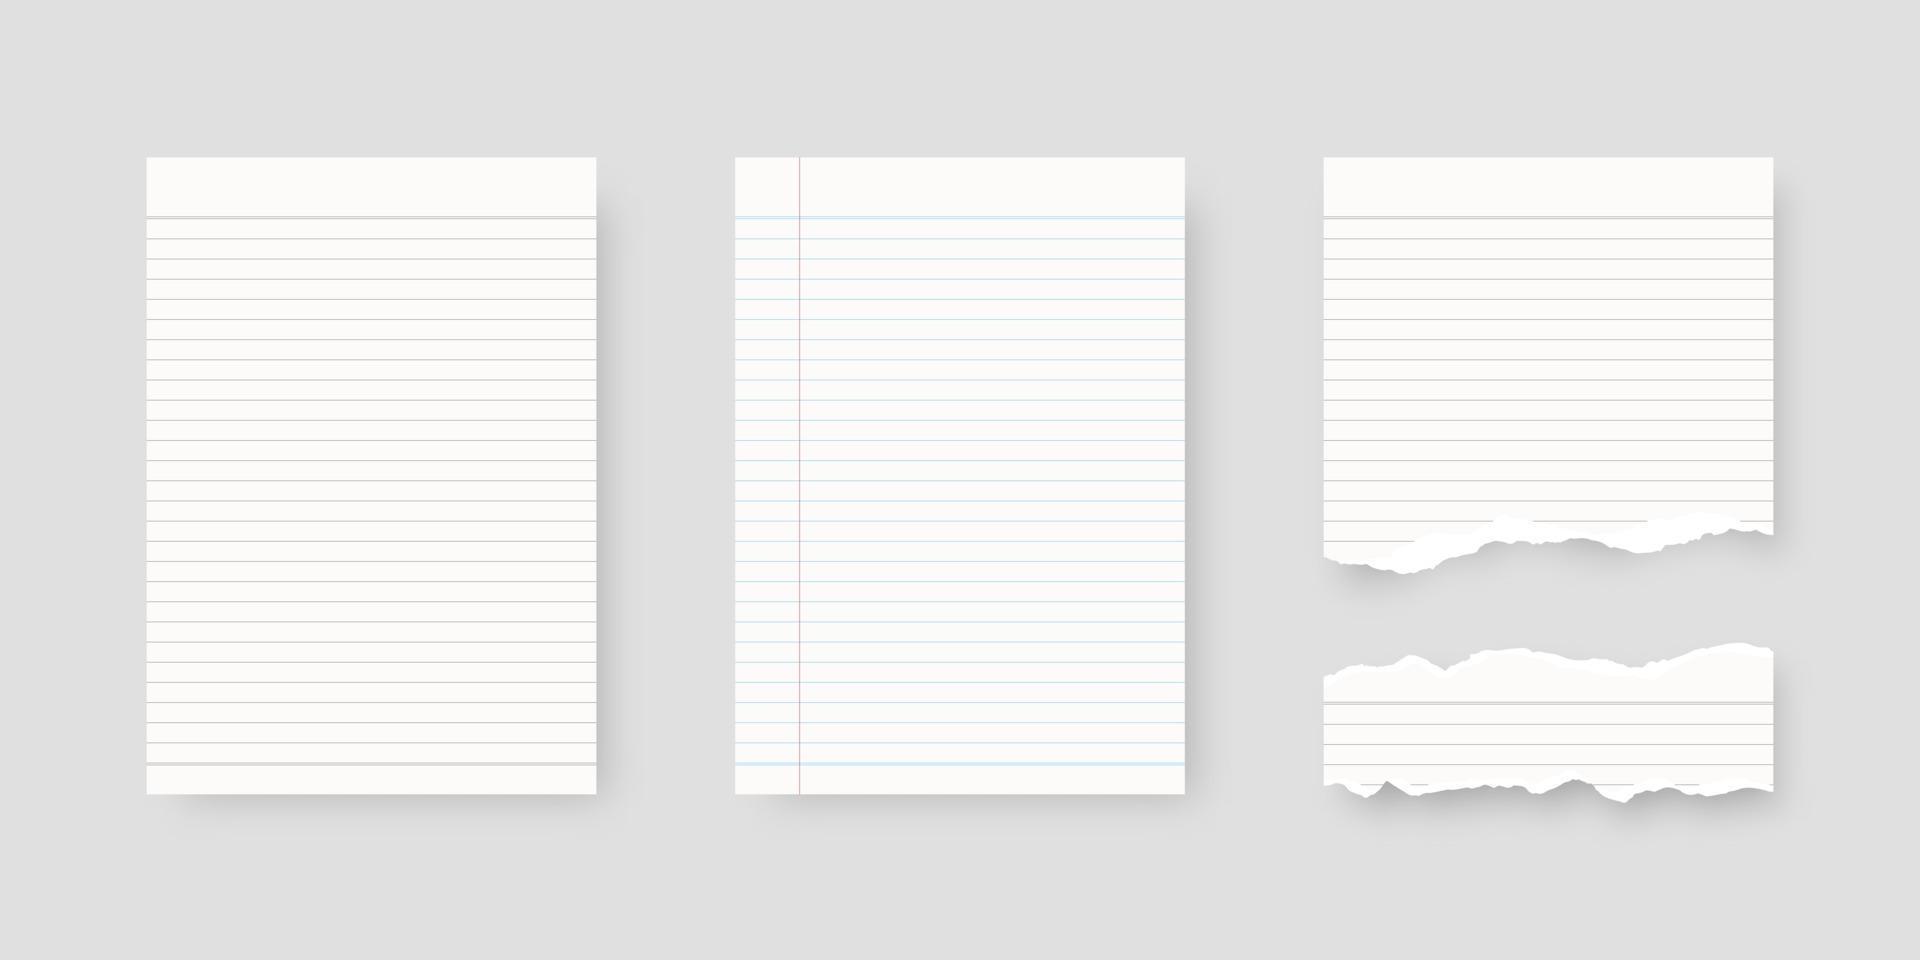 Notebook-Papierset. Blatt linierte Papierschablone. Modell isoliert. Schablonendesign. realistische Vektorillustration. vektor